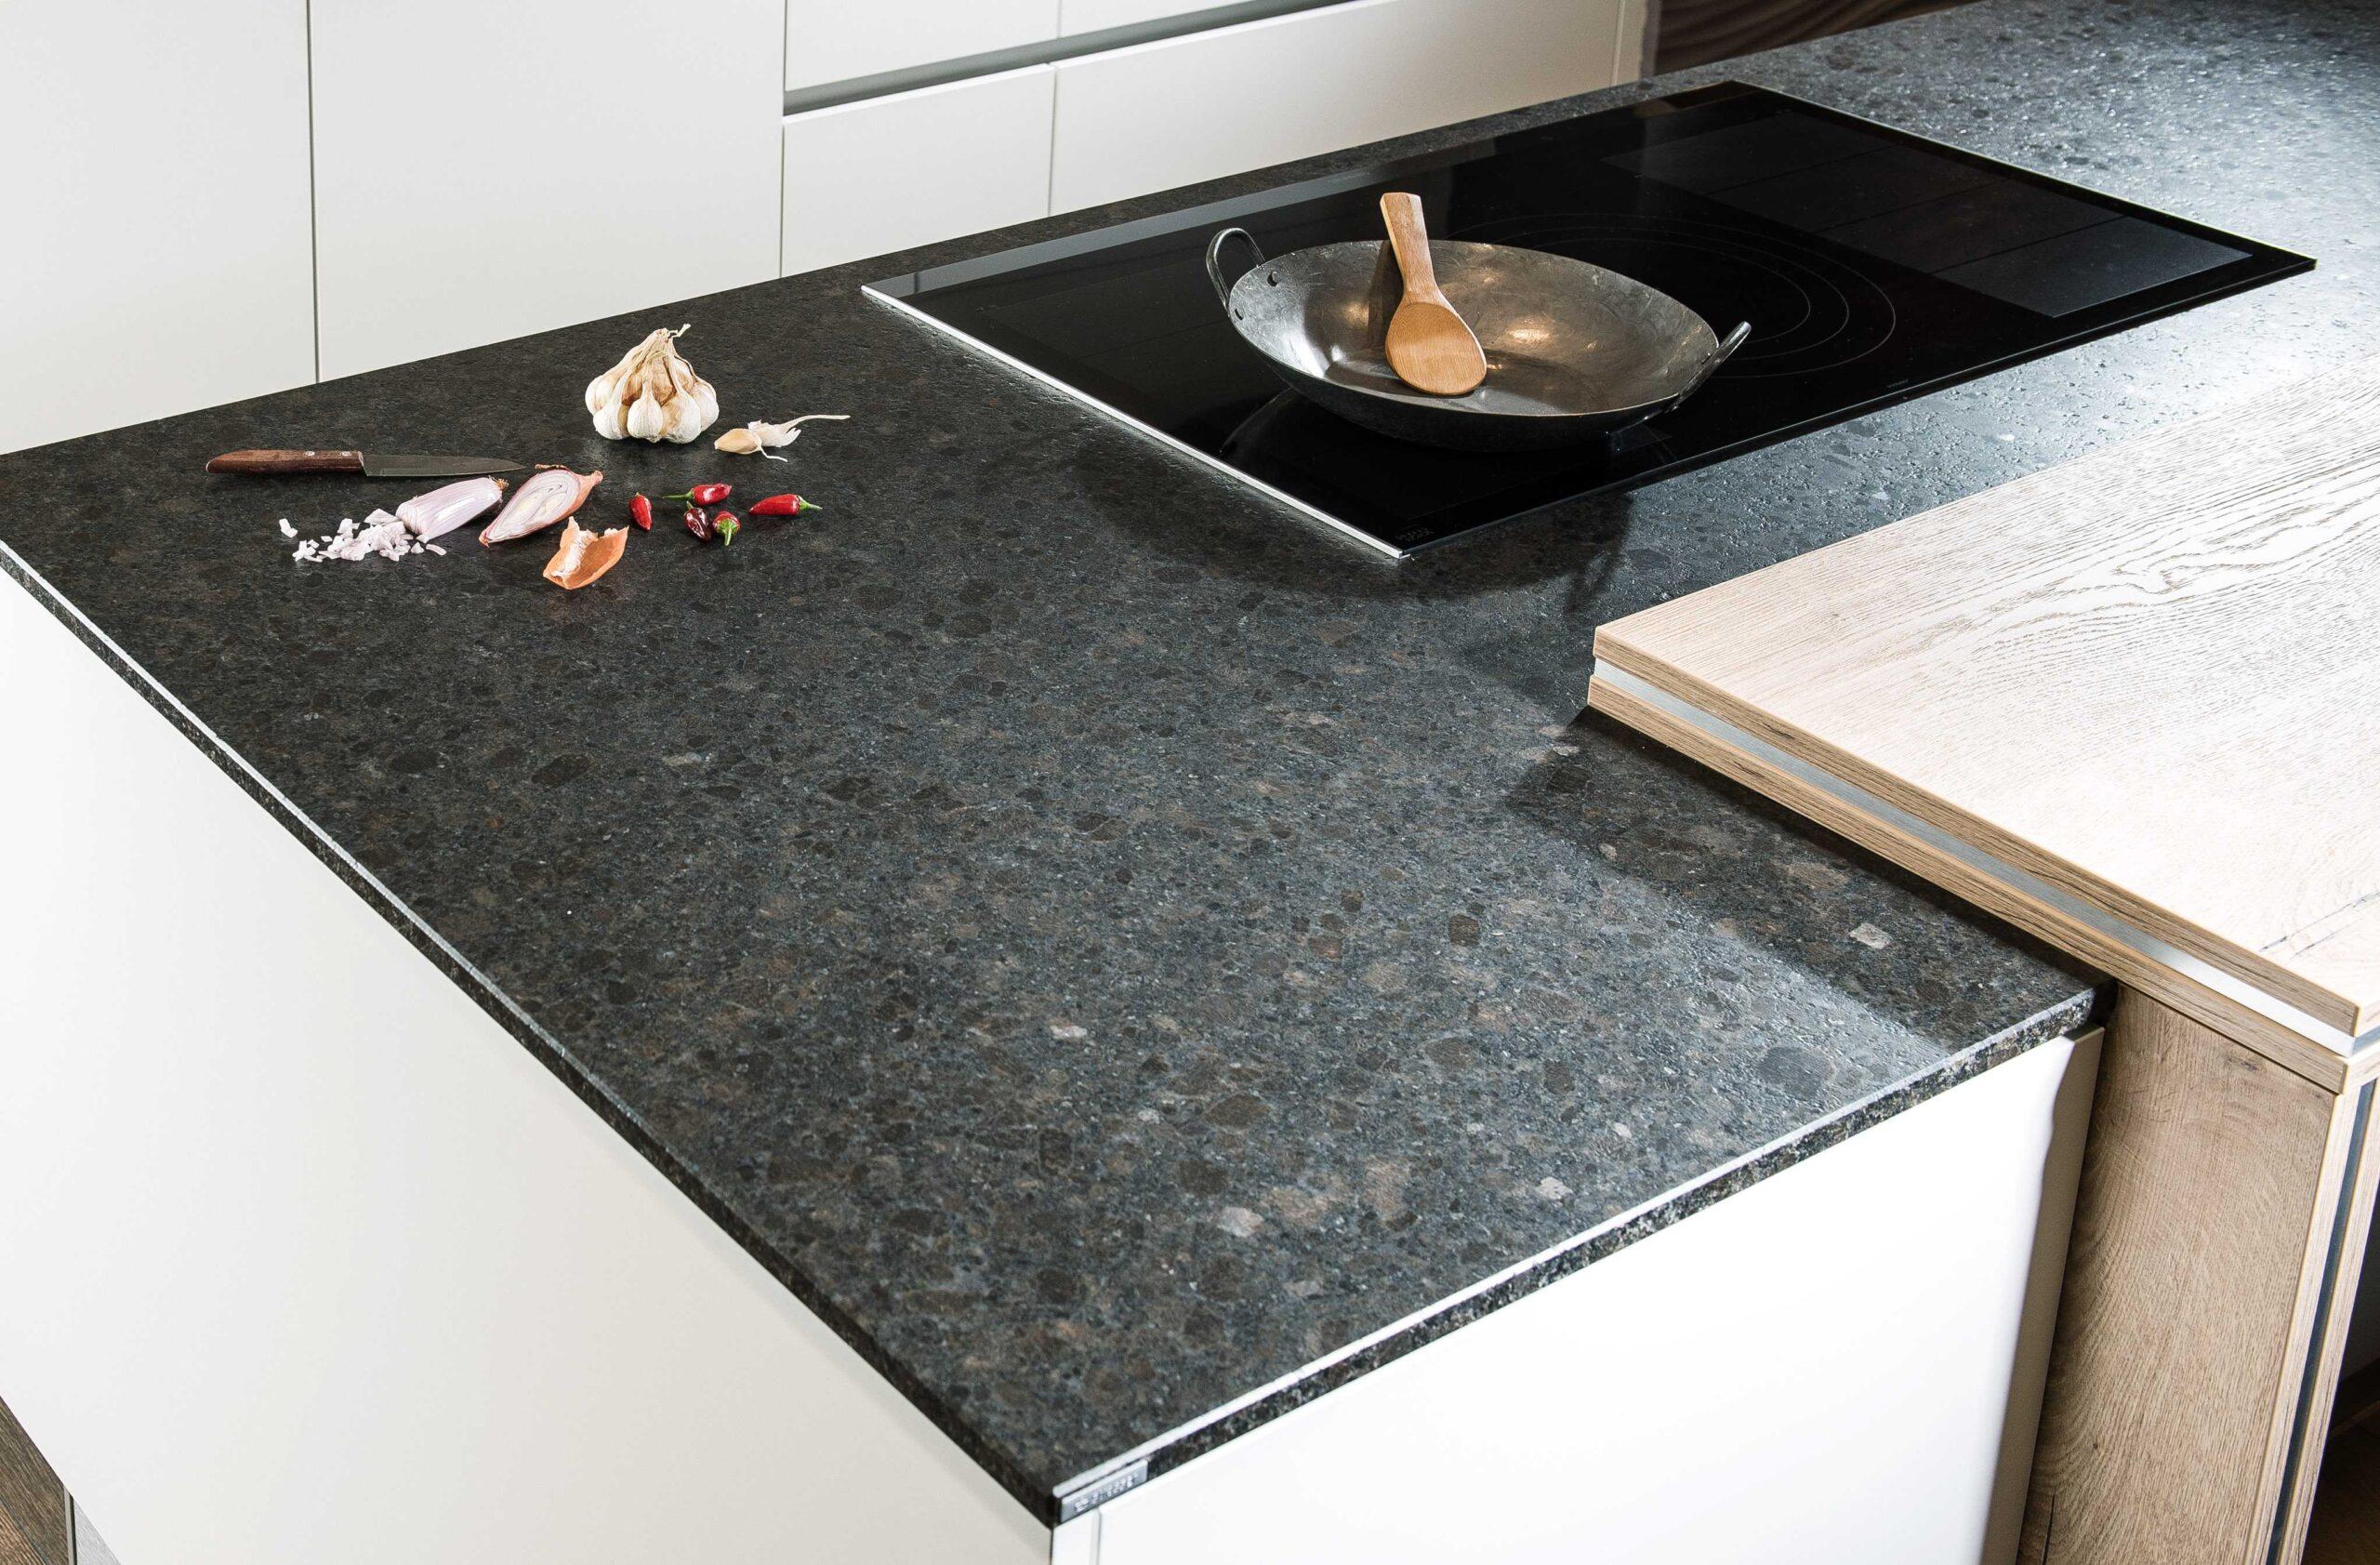 Full Size of Aktion Granitarbeitsplatte Küche Sideboard Mit Arbeitsplatte Granitplatten Arbeitsplatten Wohnzimmer Granit Arbeitsplatte